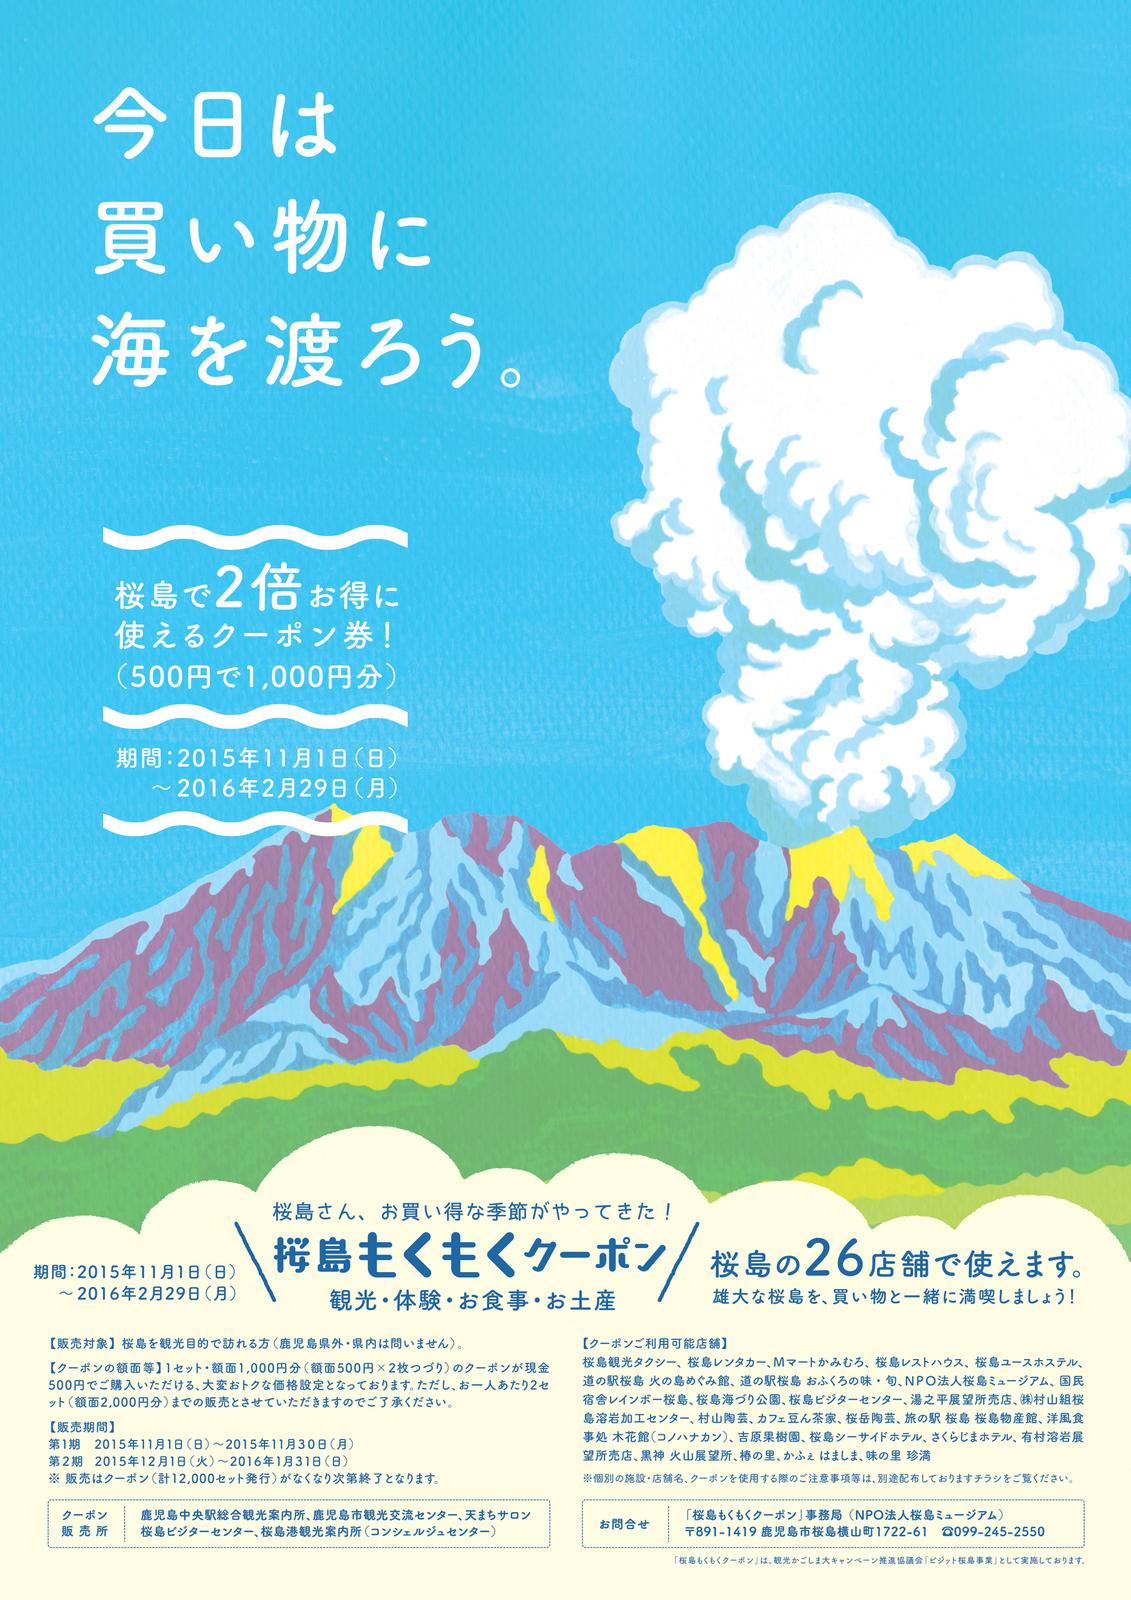 http://blog.sakurajima.gr.jp/images/%E3%83%9D%E3%82%B9%E3%82%BF%E3%83%BC.jpg